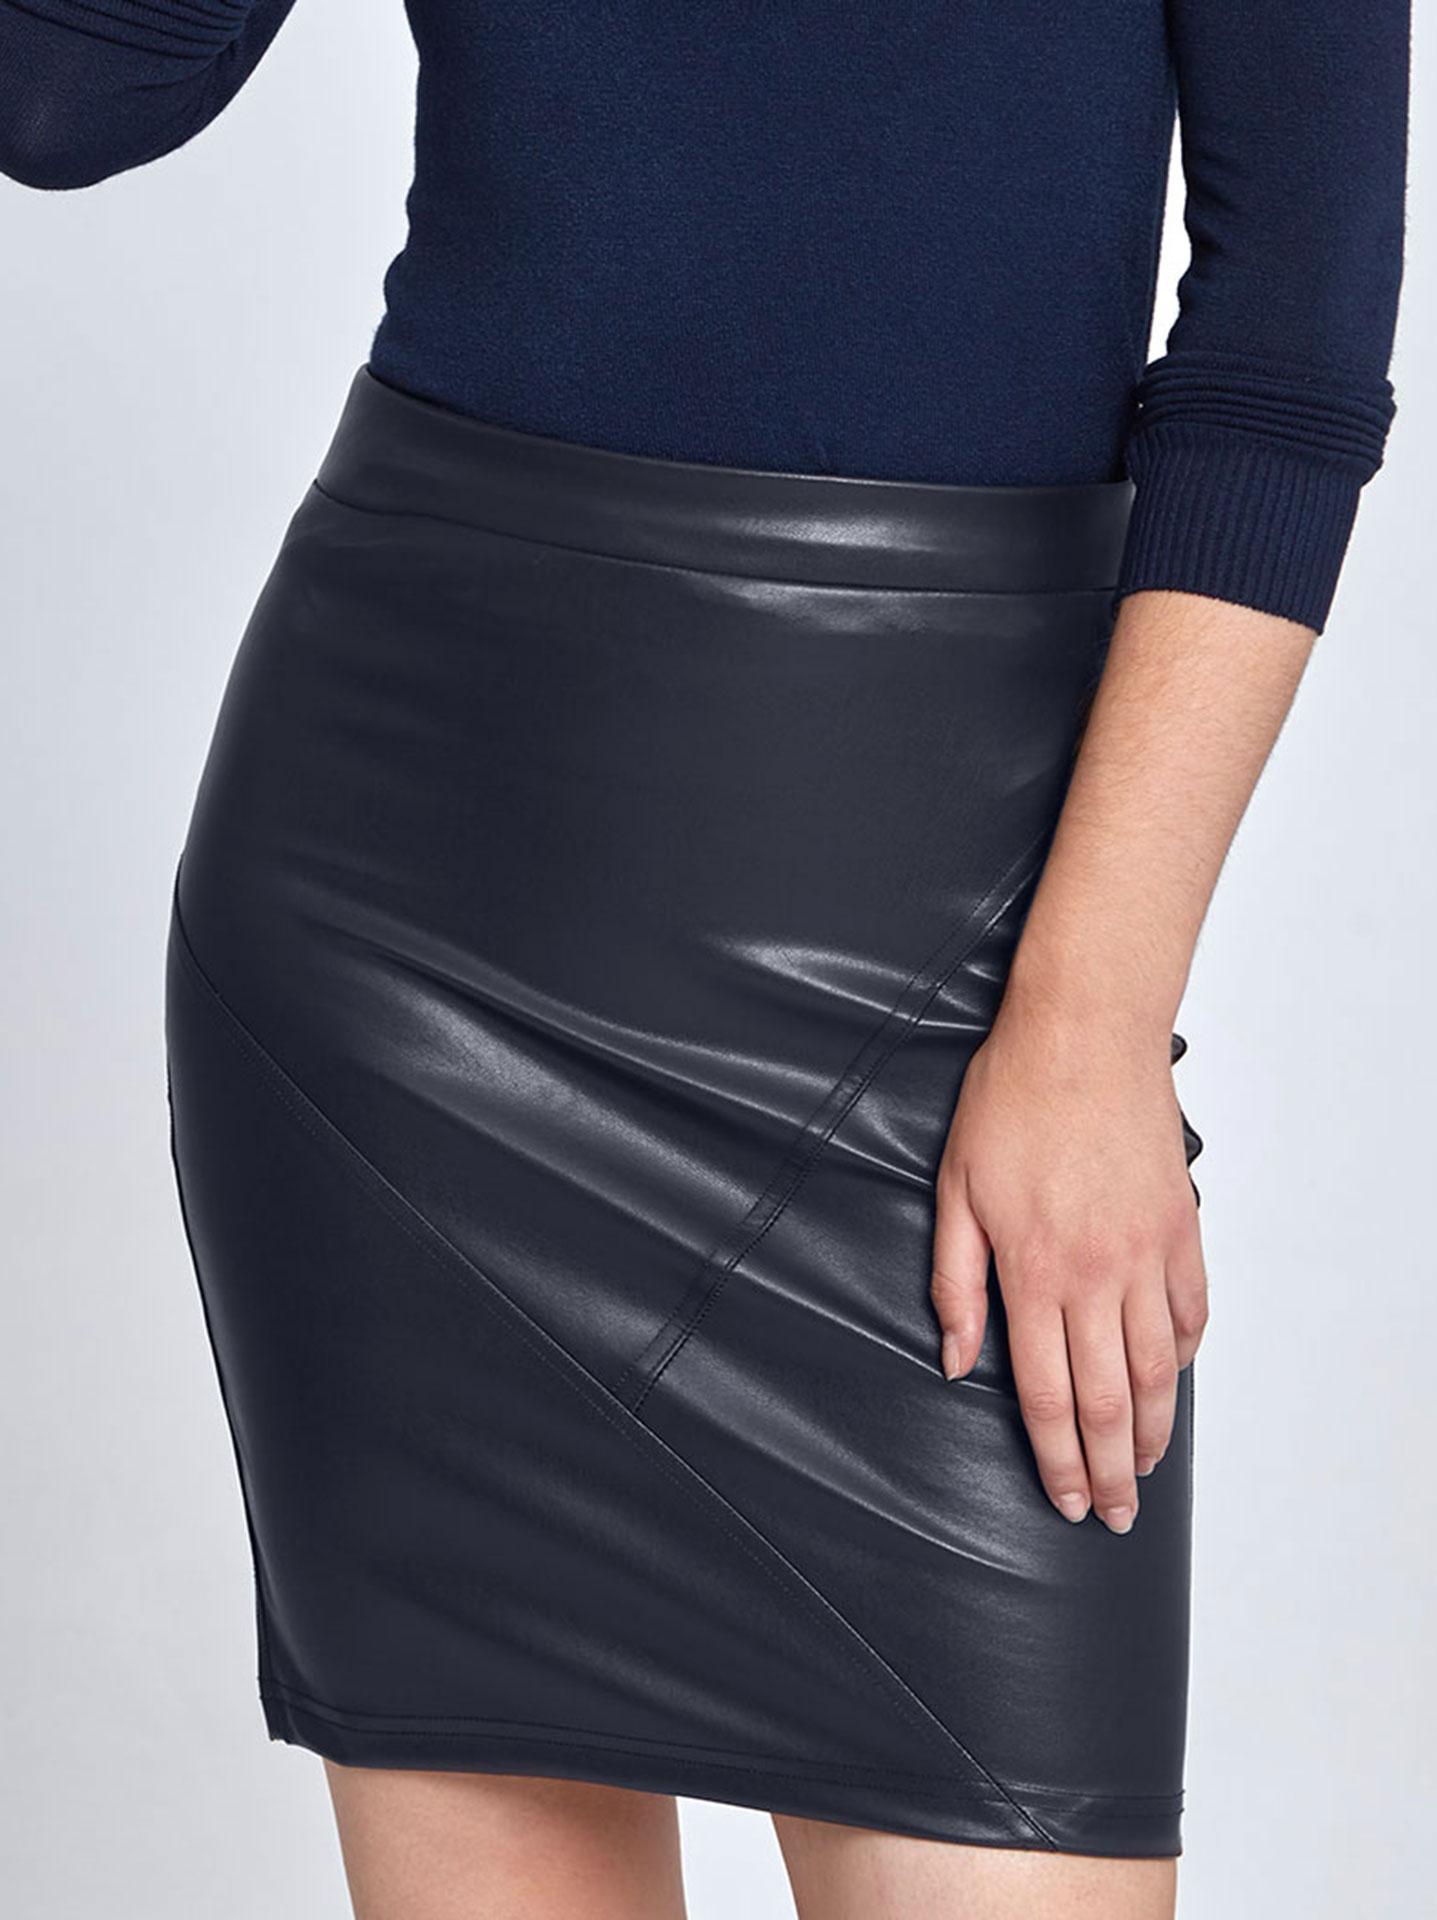 Στενή mini φούστα από δερματίνη σε σκουρο μπλε 2d099313409